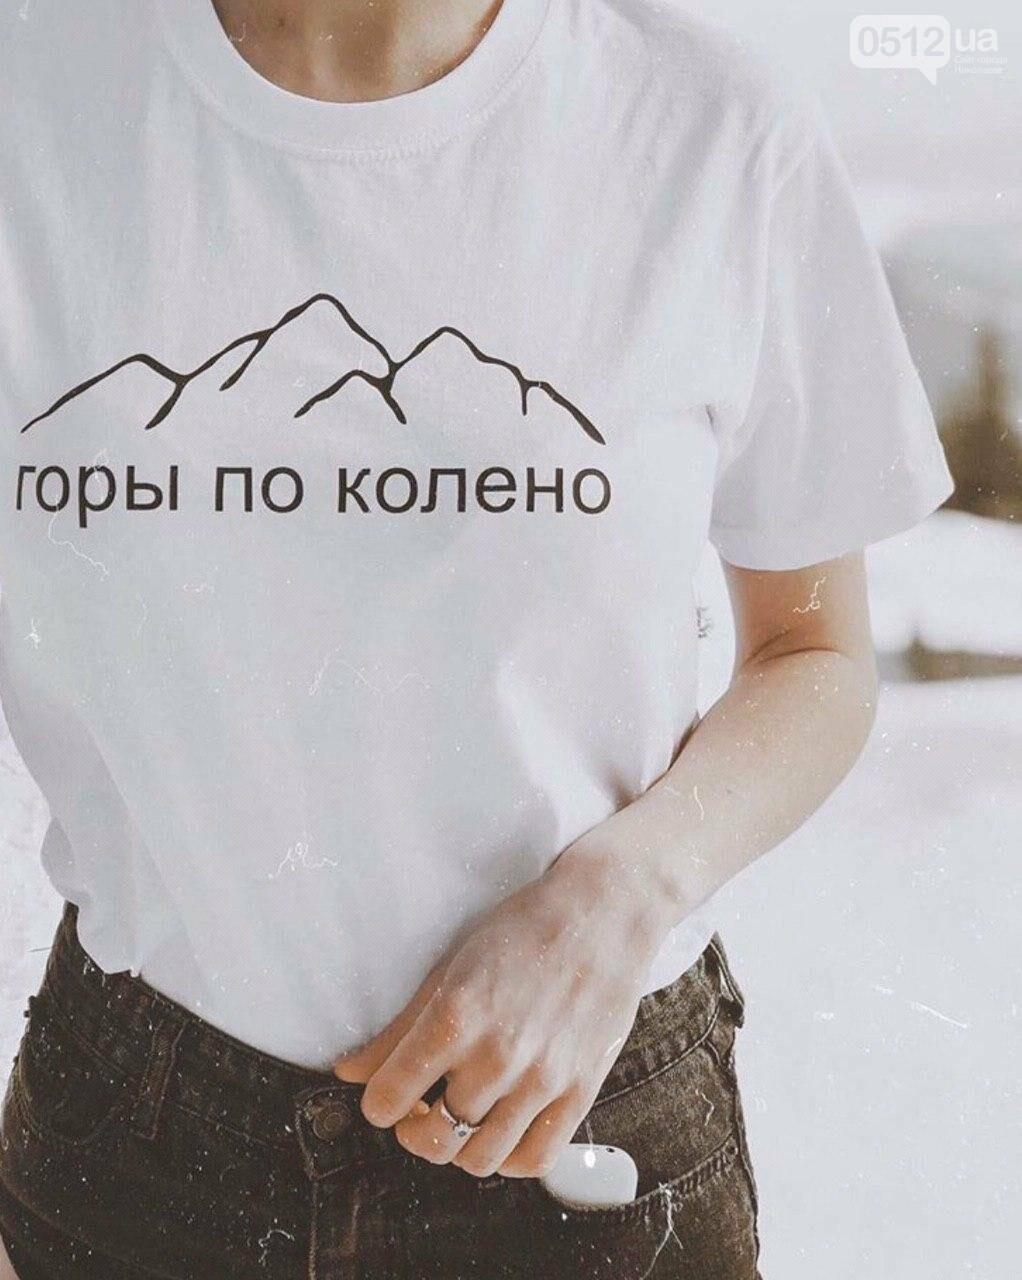 Крутая футболка — это то, что вам нужно этой весной, фото-3